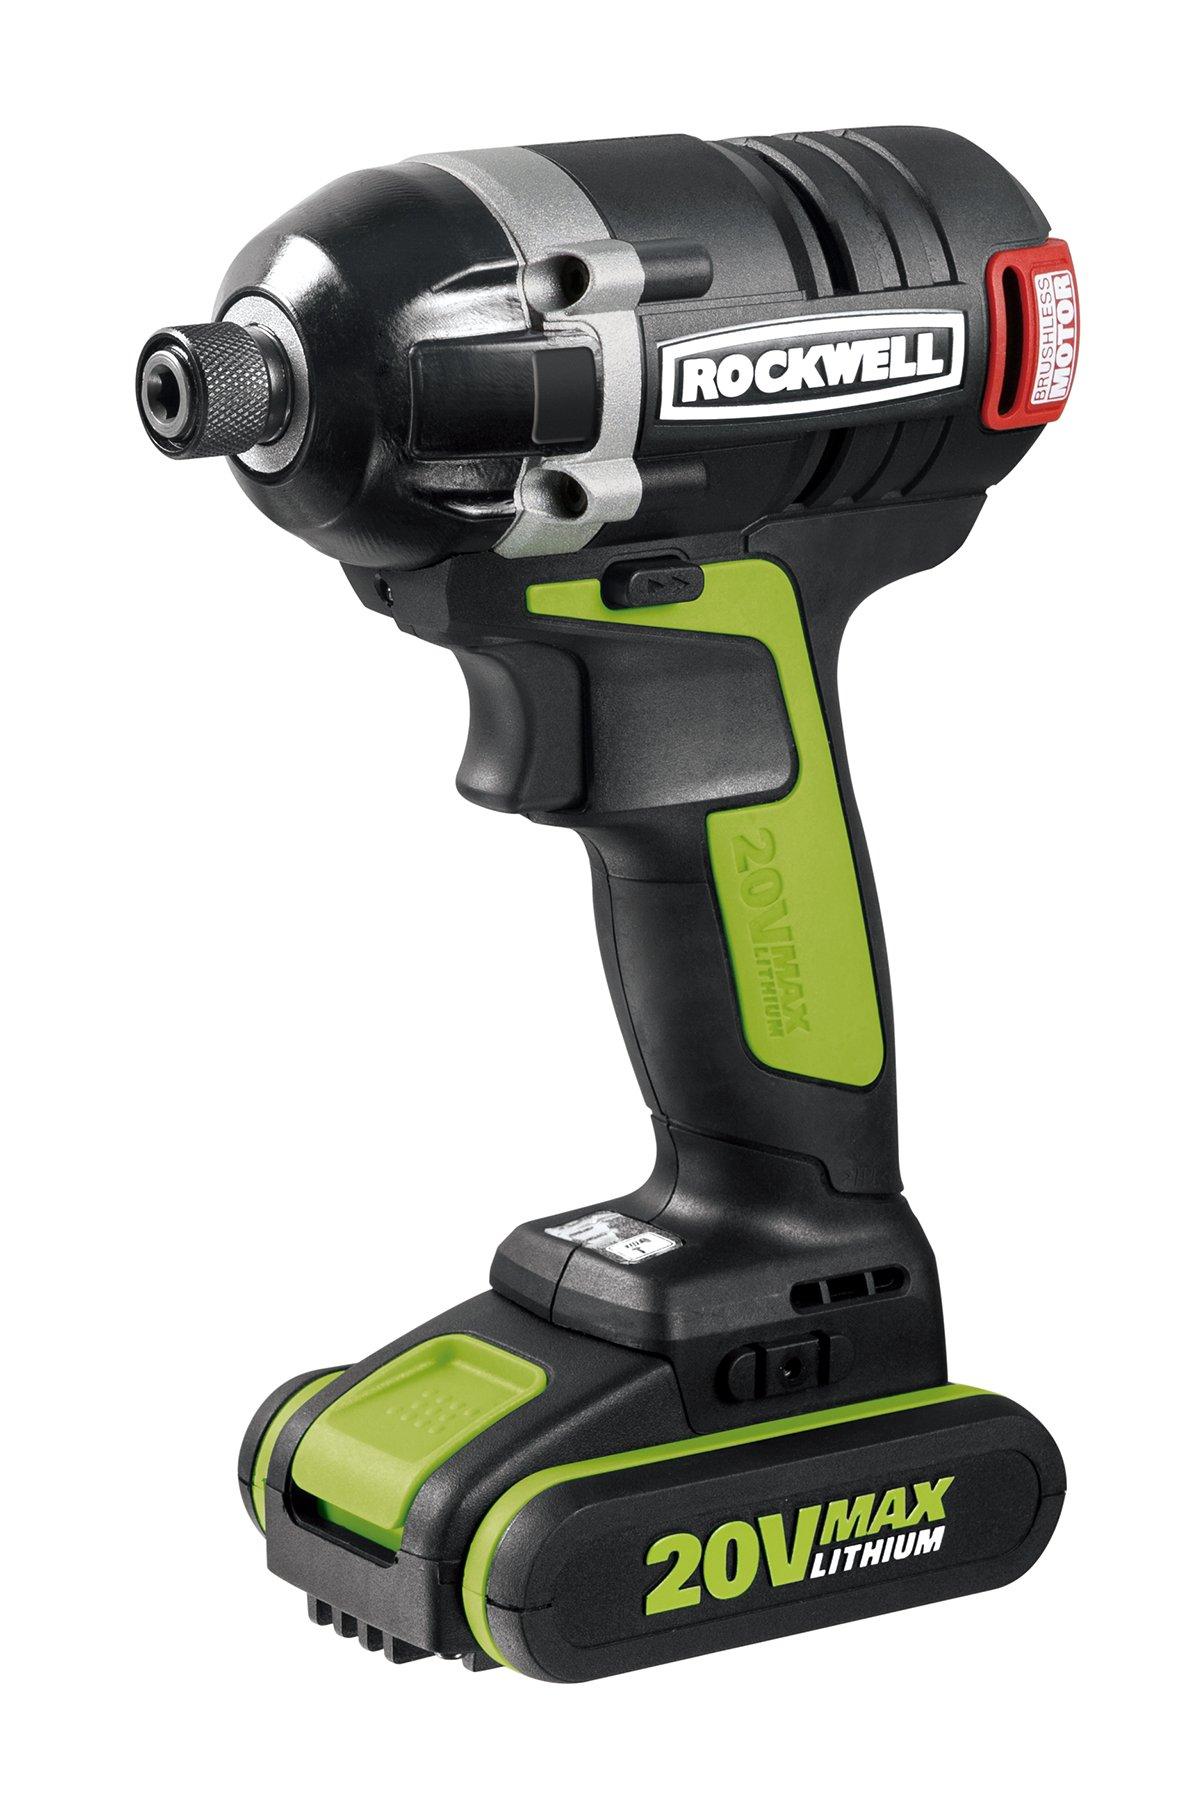 Rockwell RK2860K2 Li-ion Brushless Impact Driver, 20V